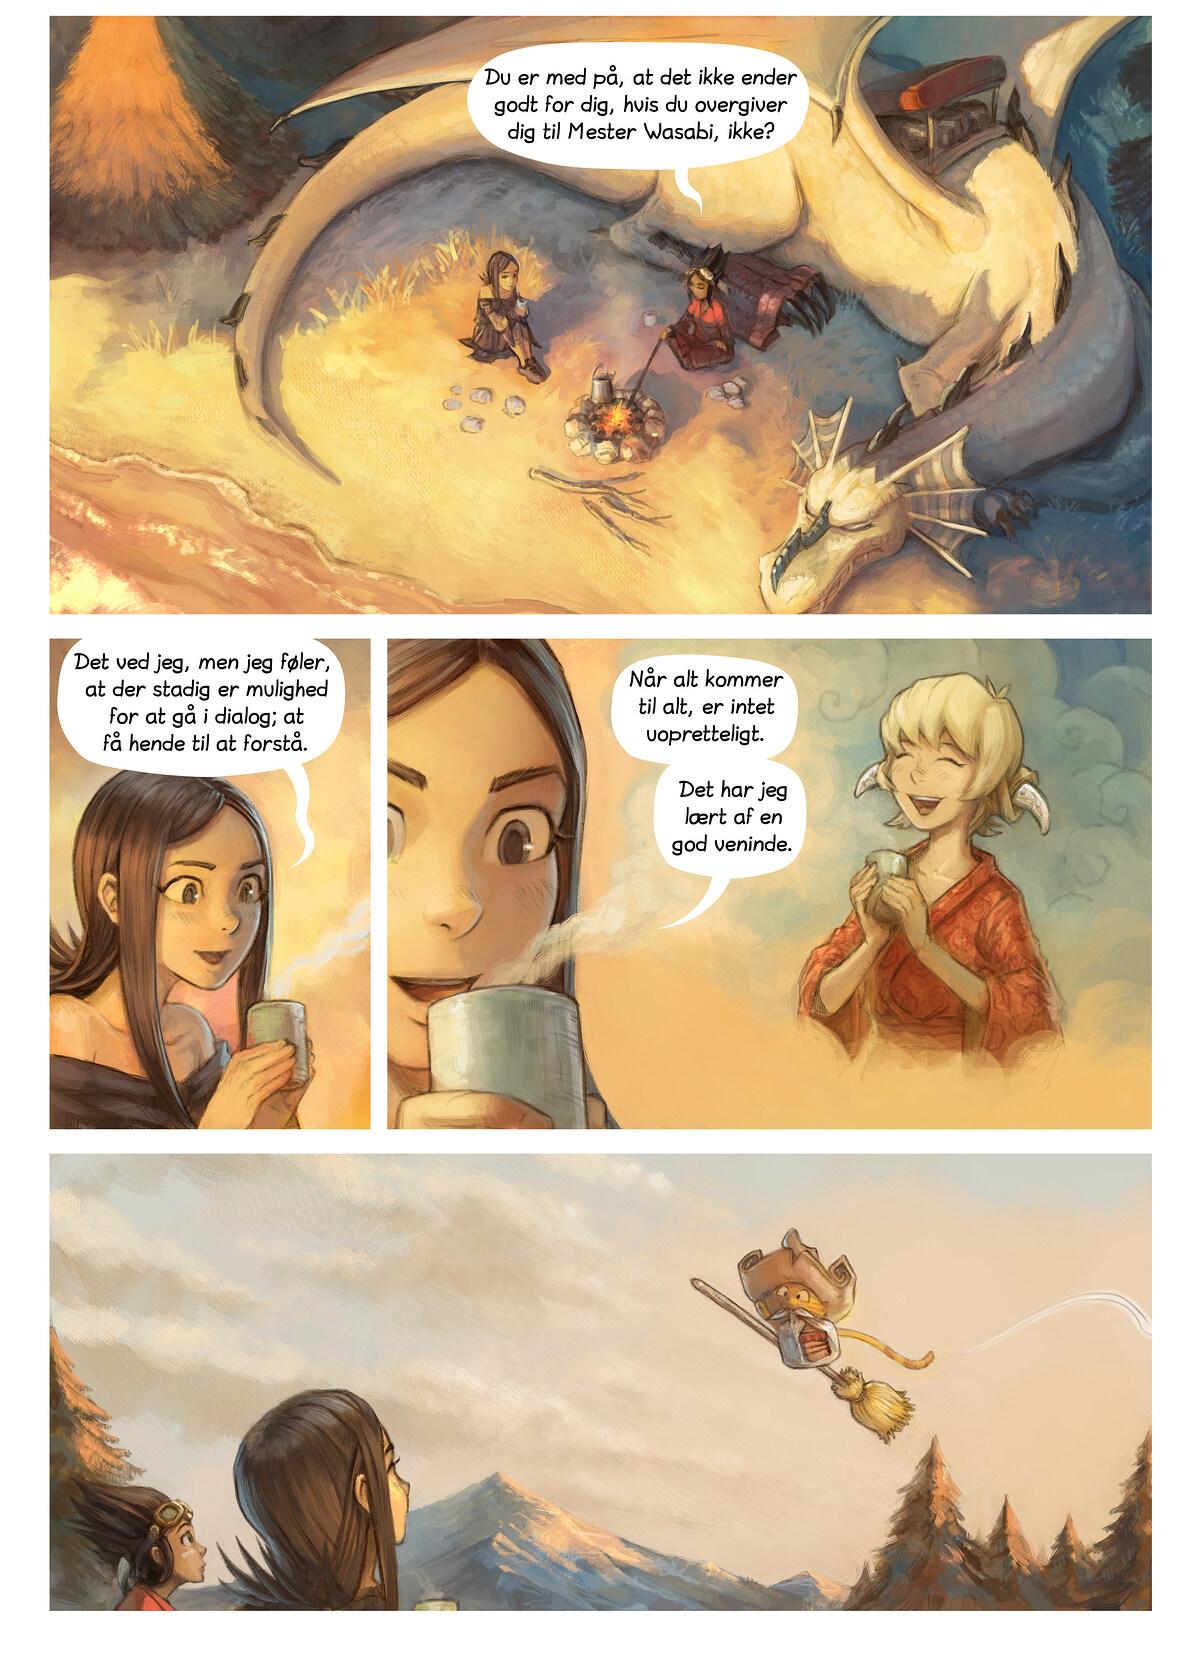 Episode 35: Spejlbilledet, Page 10